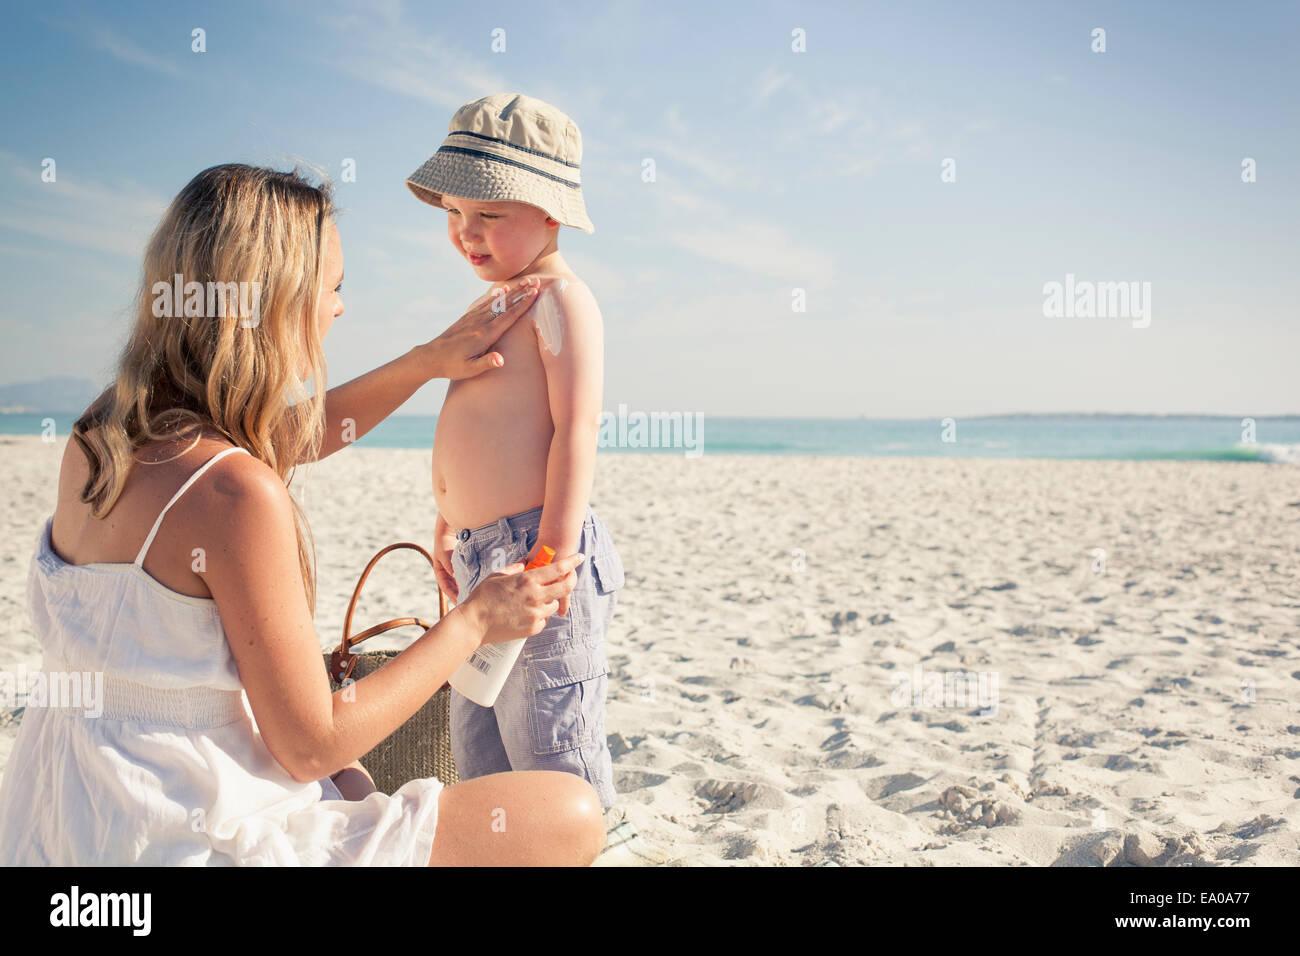 Metà adulto madre applicando lozione solare al giovane figlio sulla spiaggia, Cape Town, Western Cape, Sud Immagini Stock